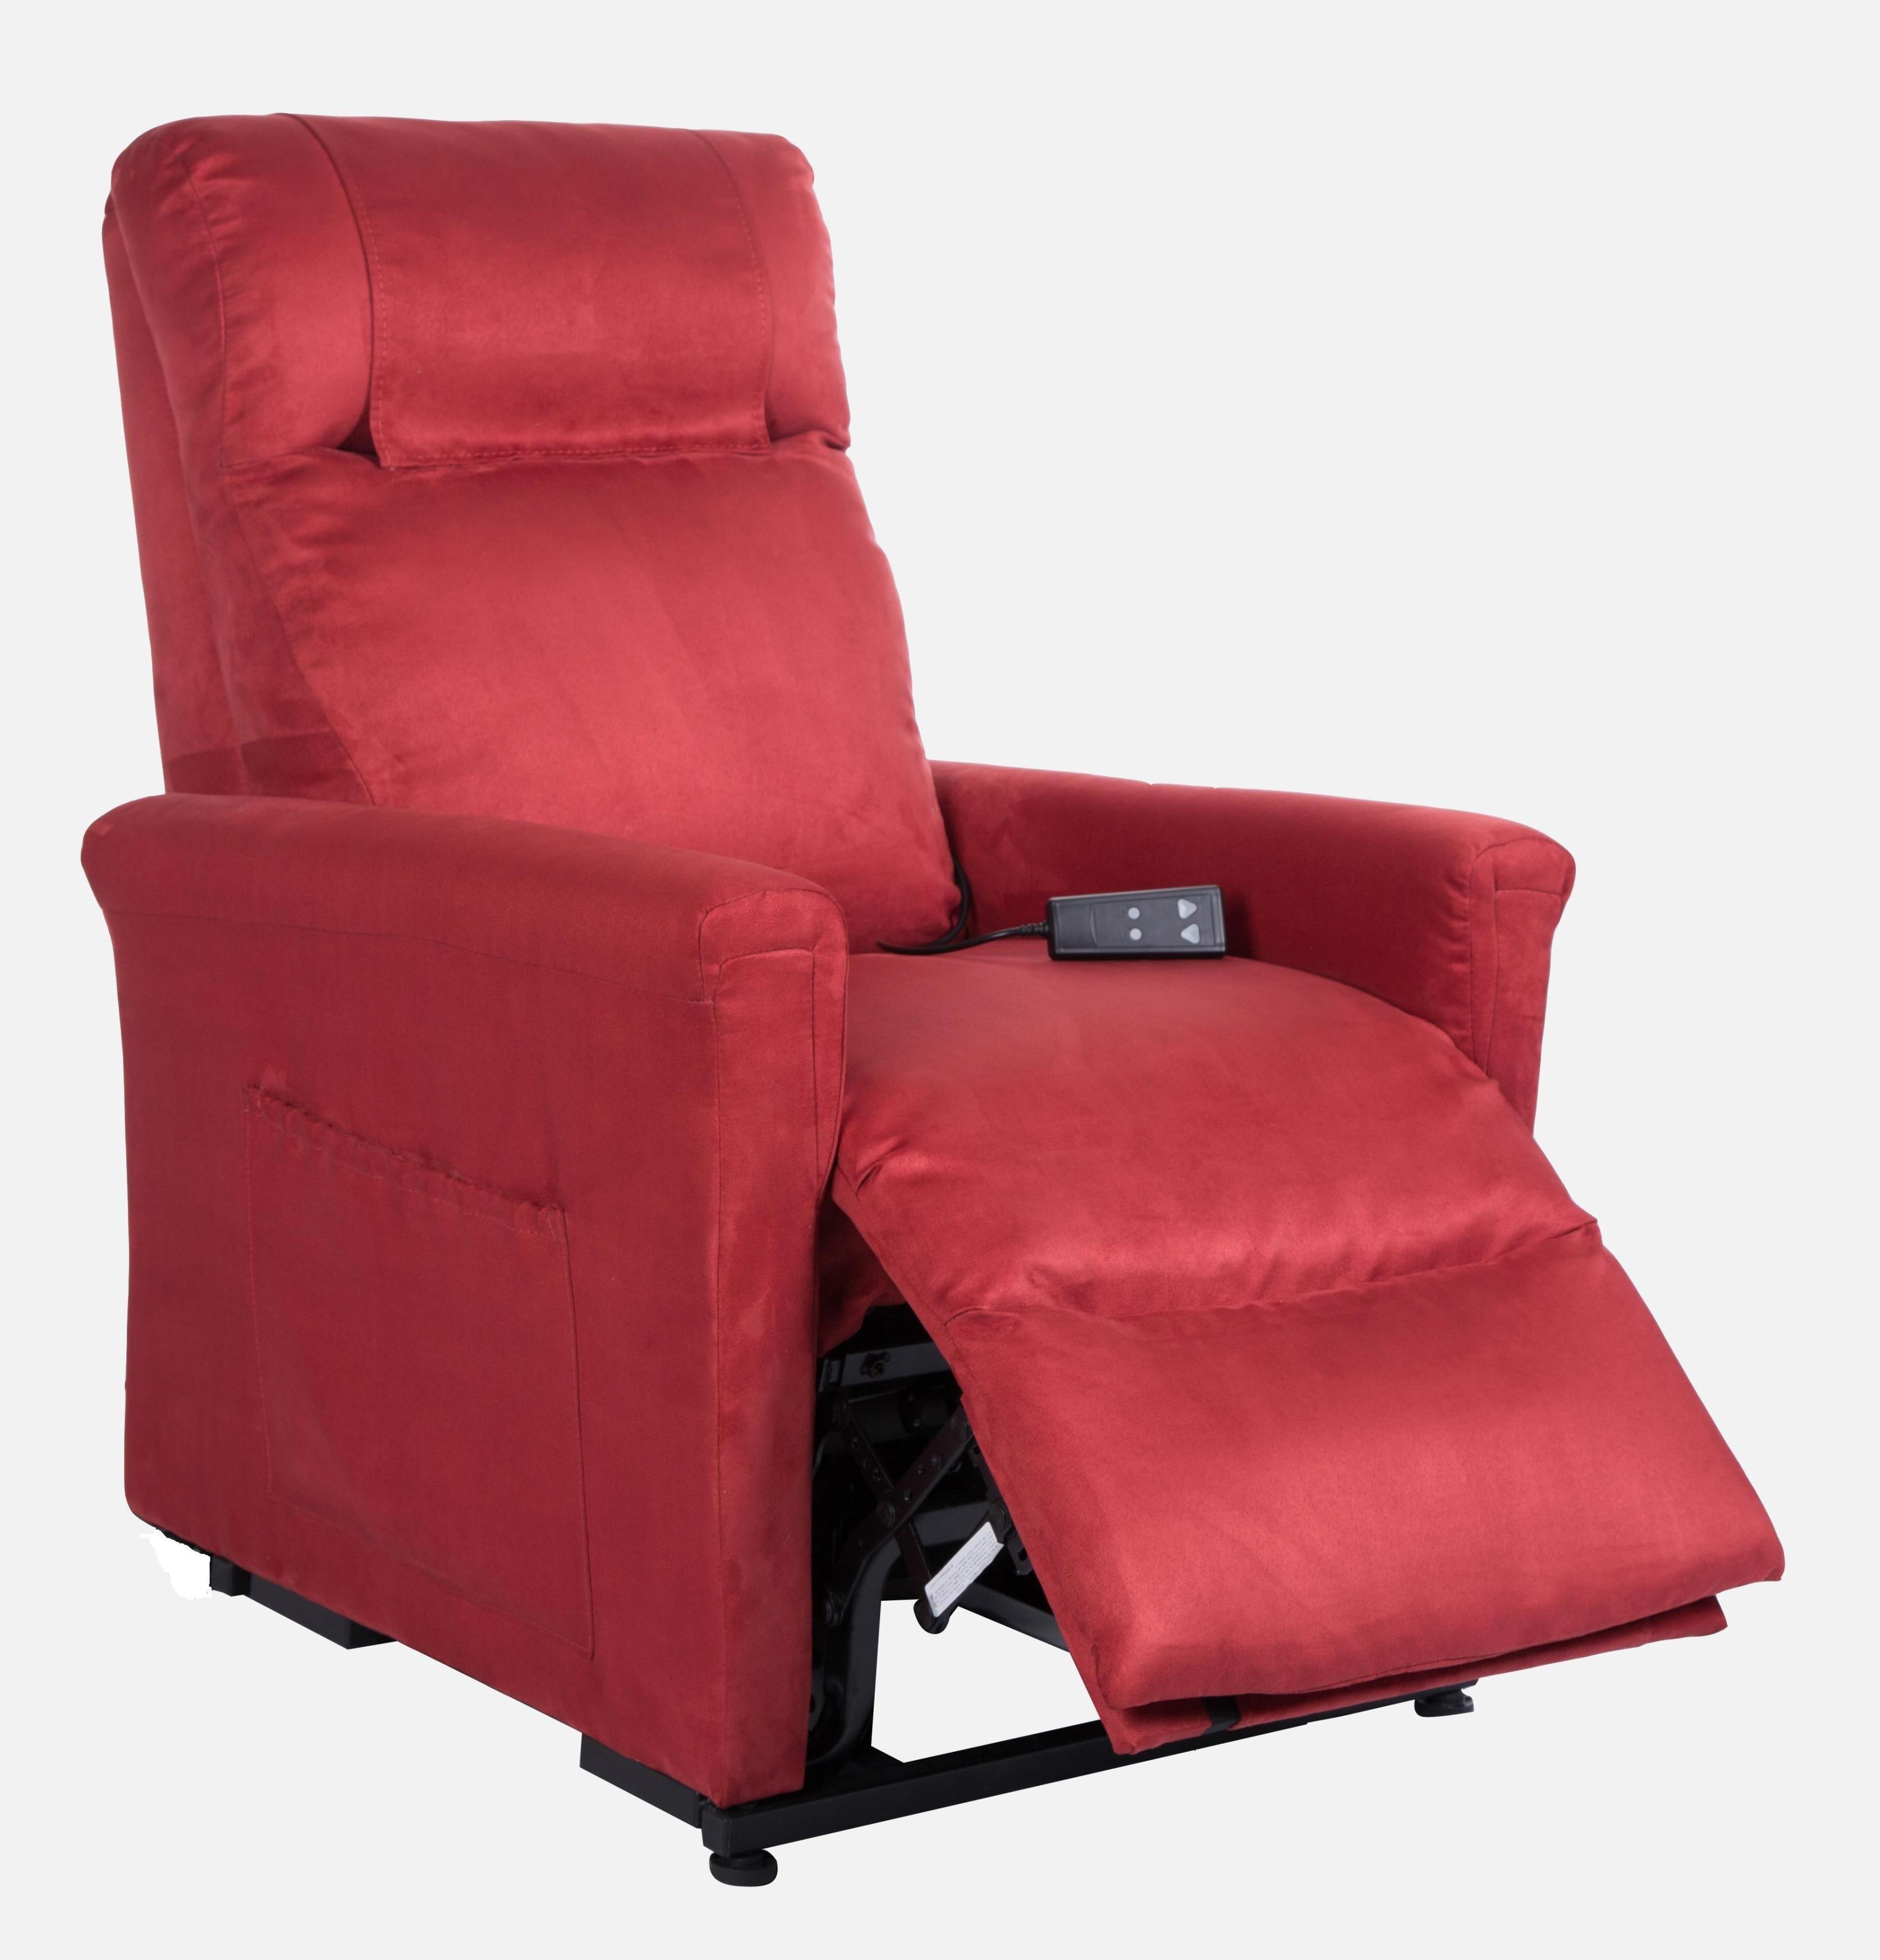 Poltona reclinabile dalila alza persona ad un motore vibro for Poltrone elevabili